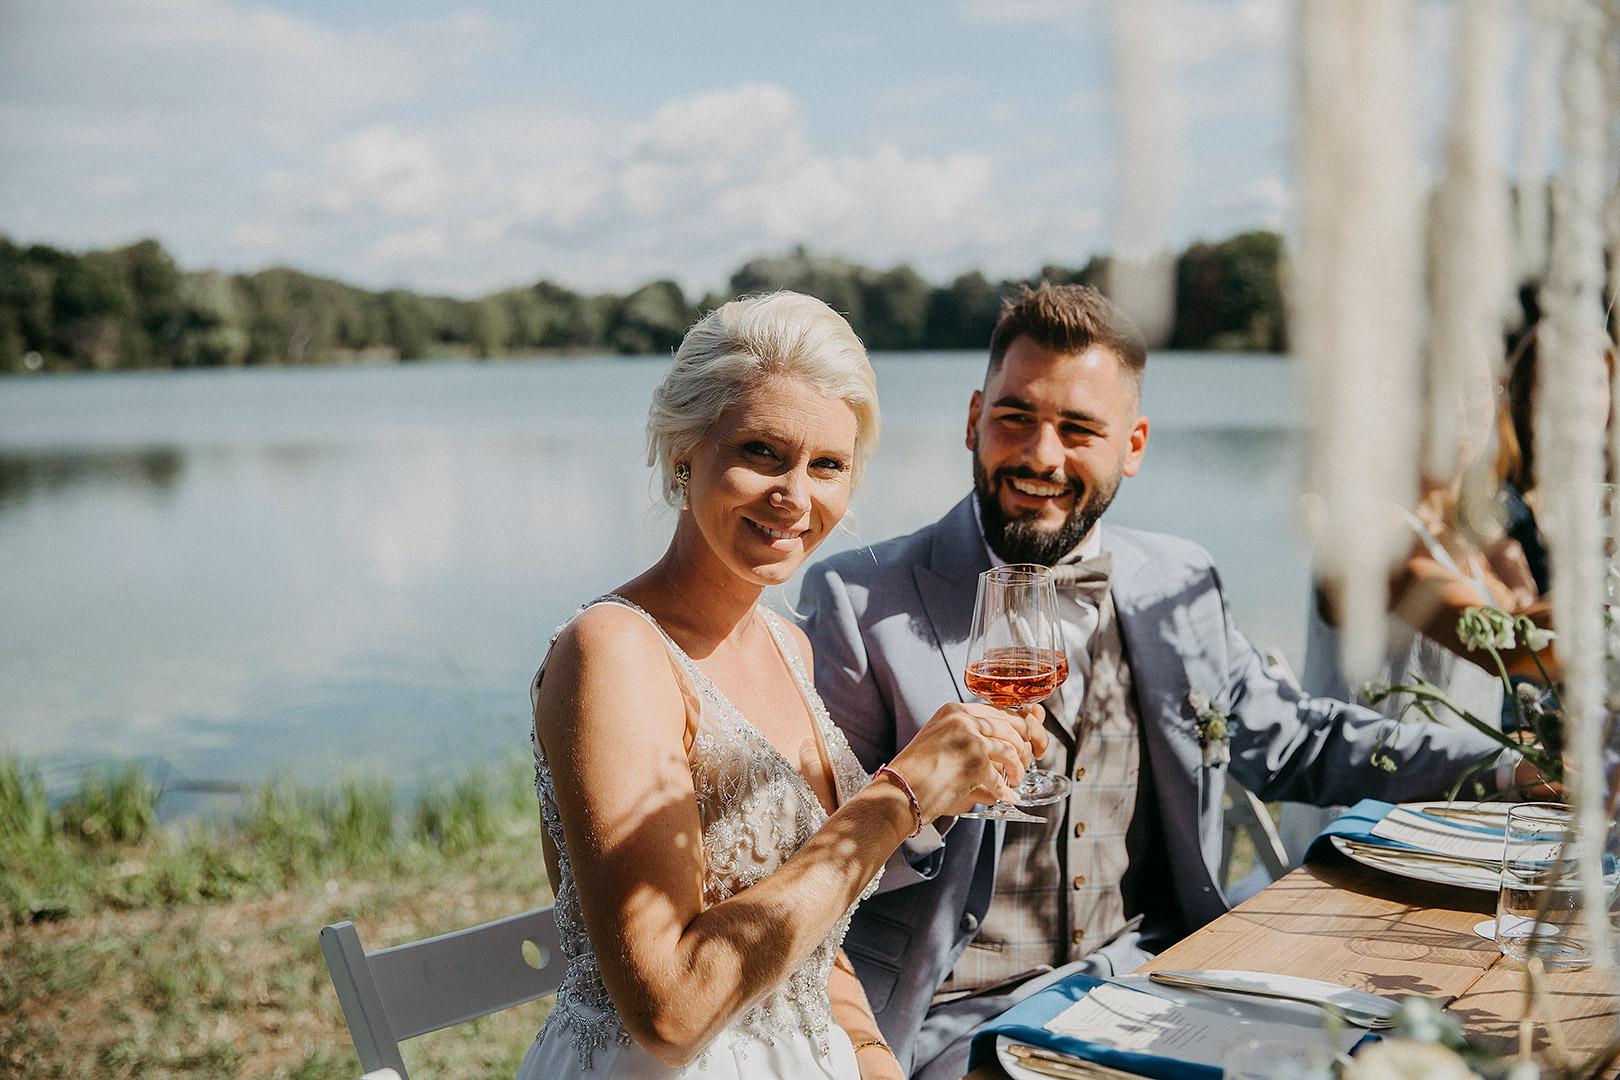 portrait_wedding_seeliebe_birkensee_42